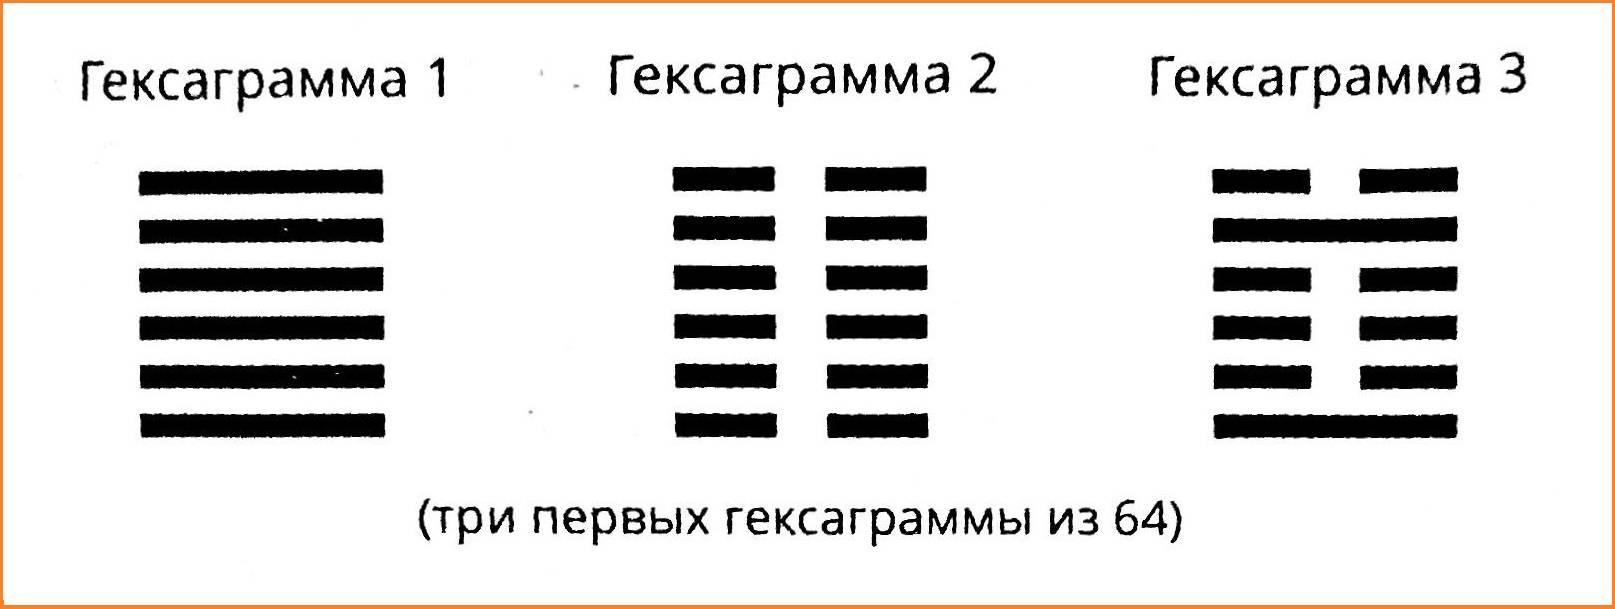 нумерология гексограммы